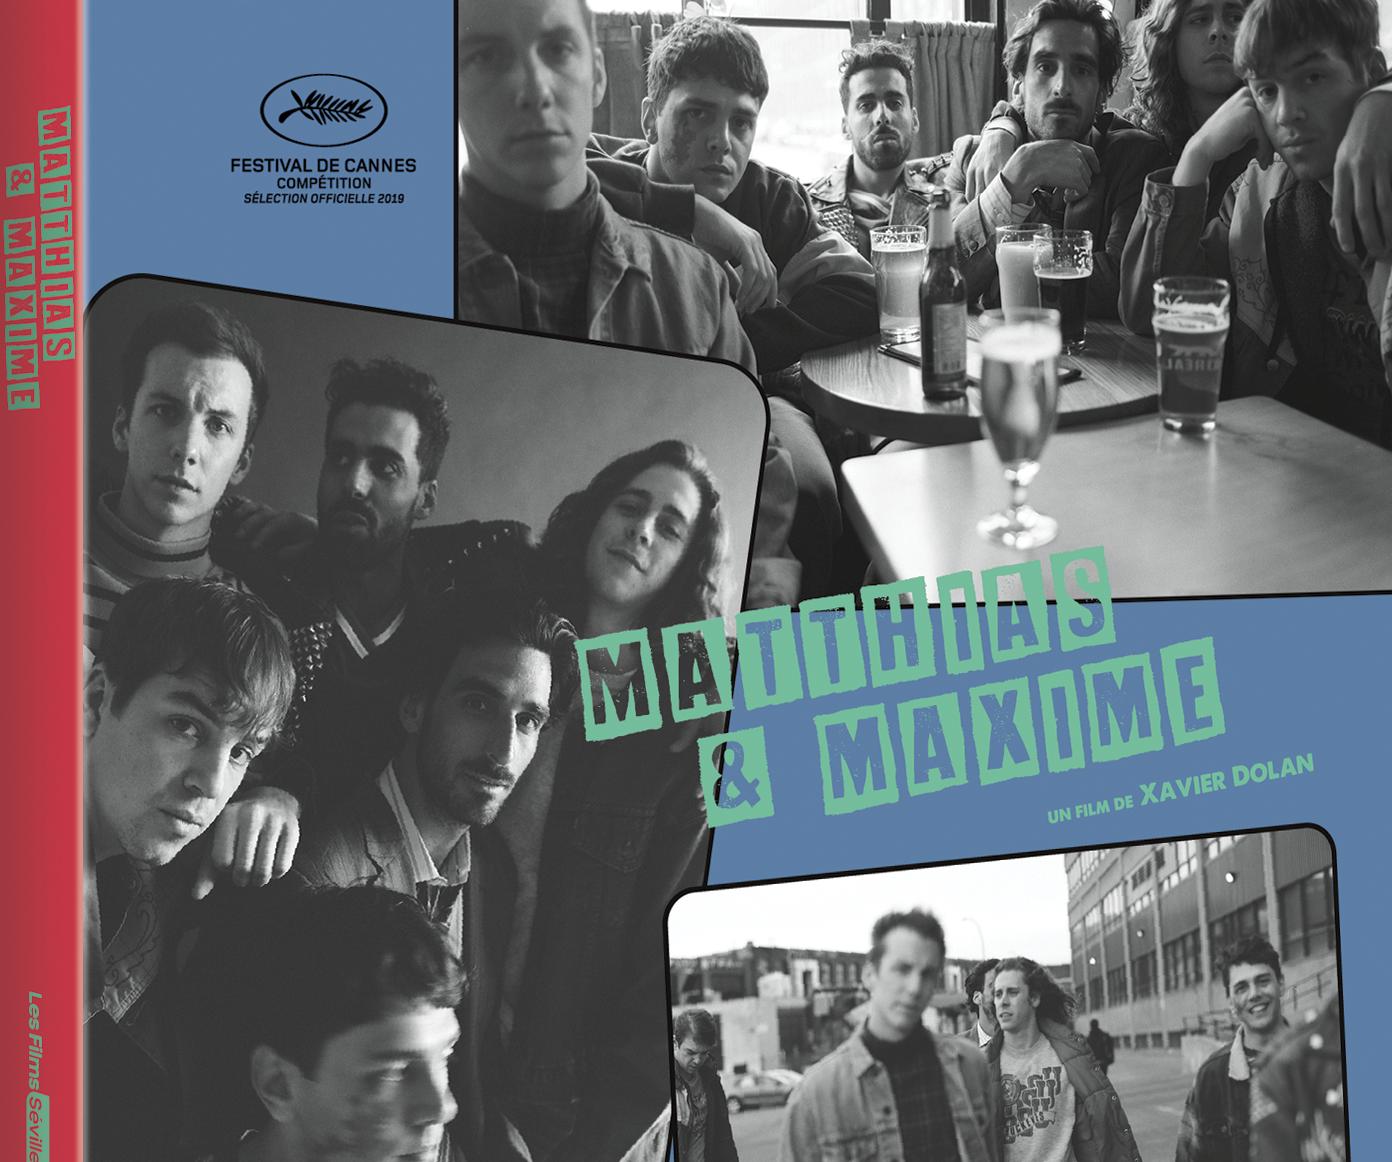 MUBI acquiert les droits de distribution aux États-Unis du film « Matthias & Maxime »